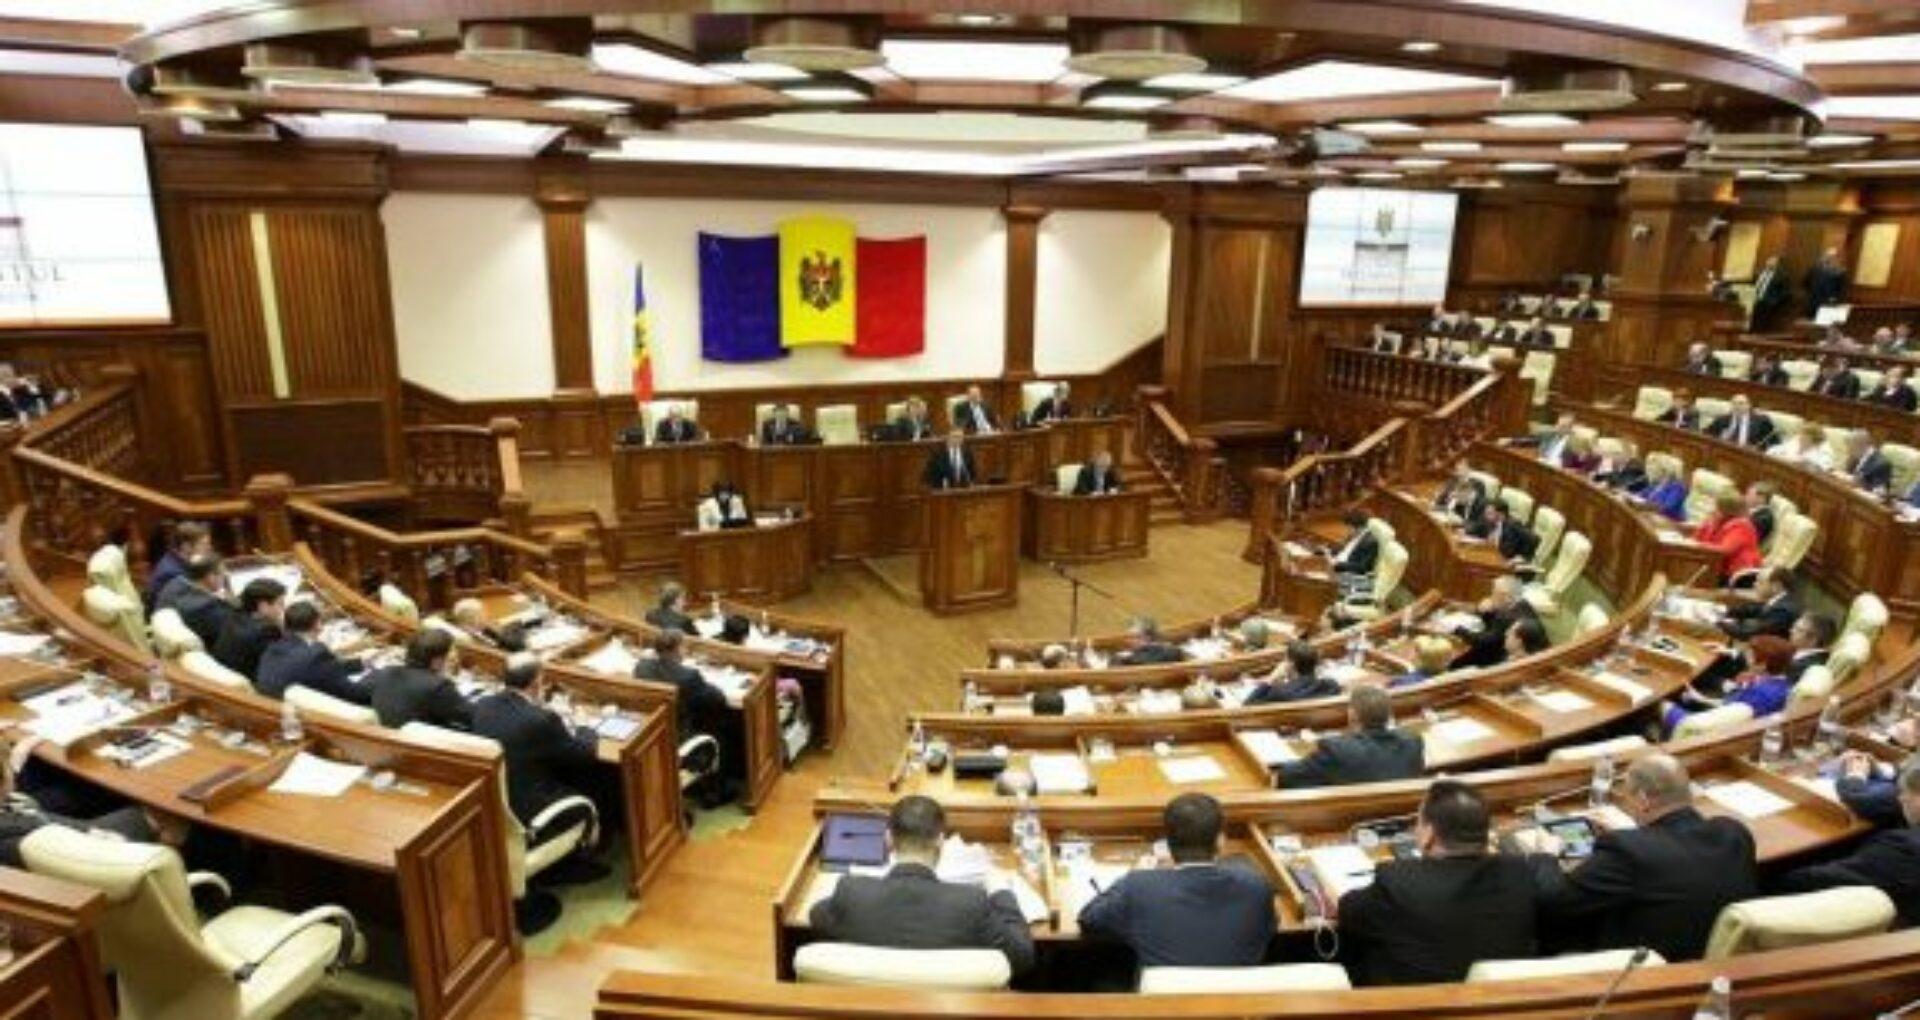 A fost aprobat proiectul de lege privind asigurarea egalității de gen în spațiul public și politic